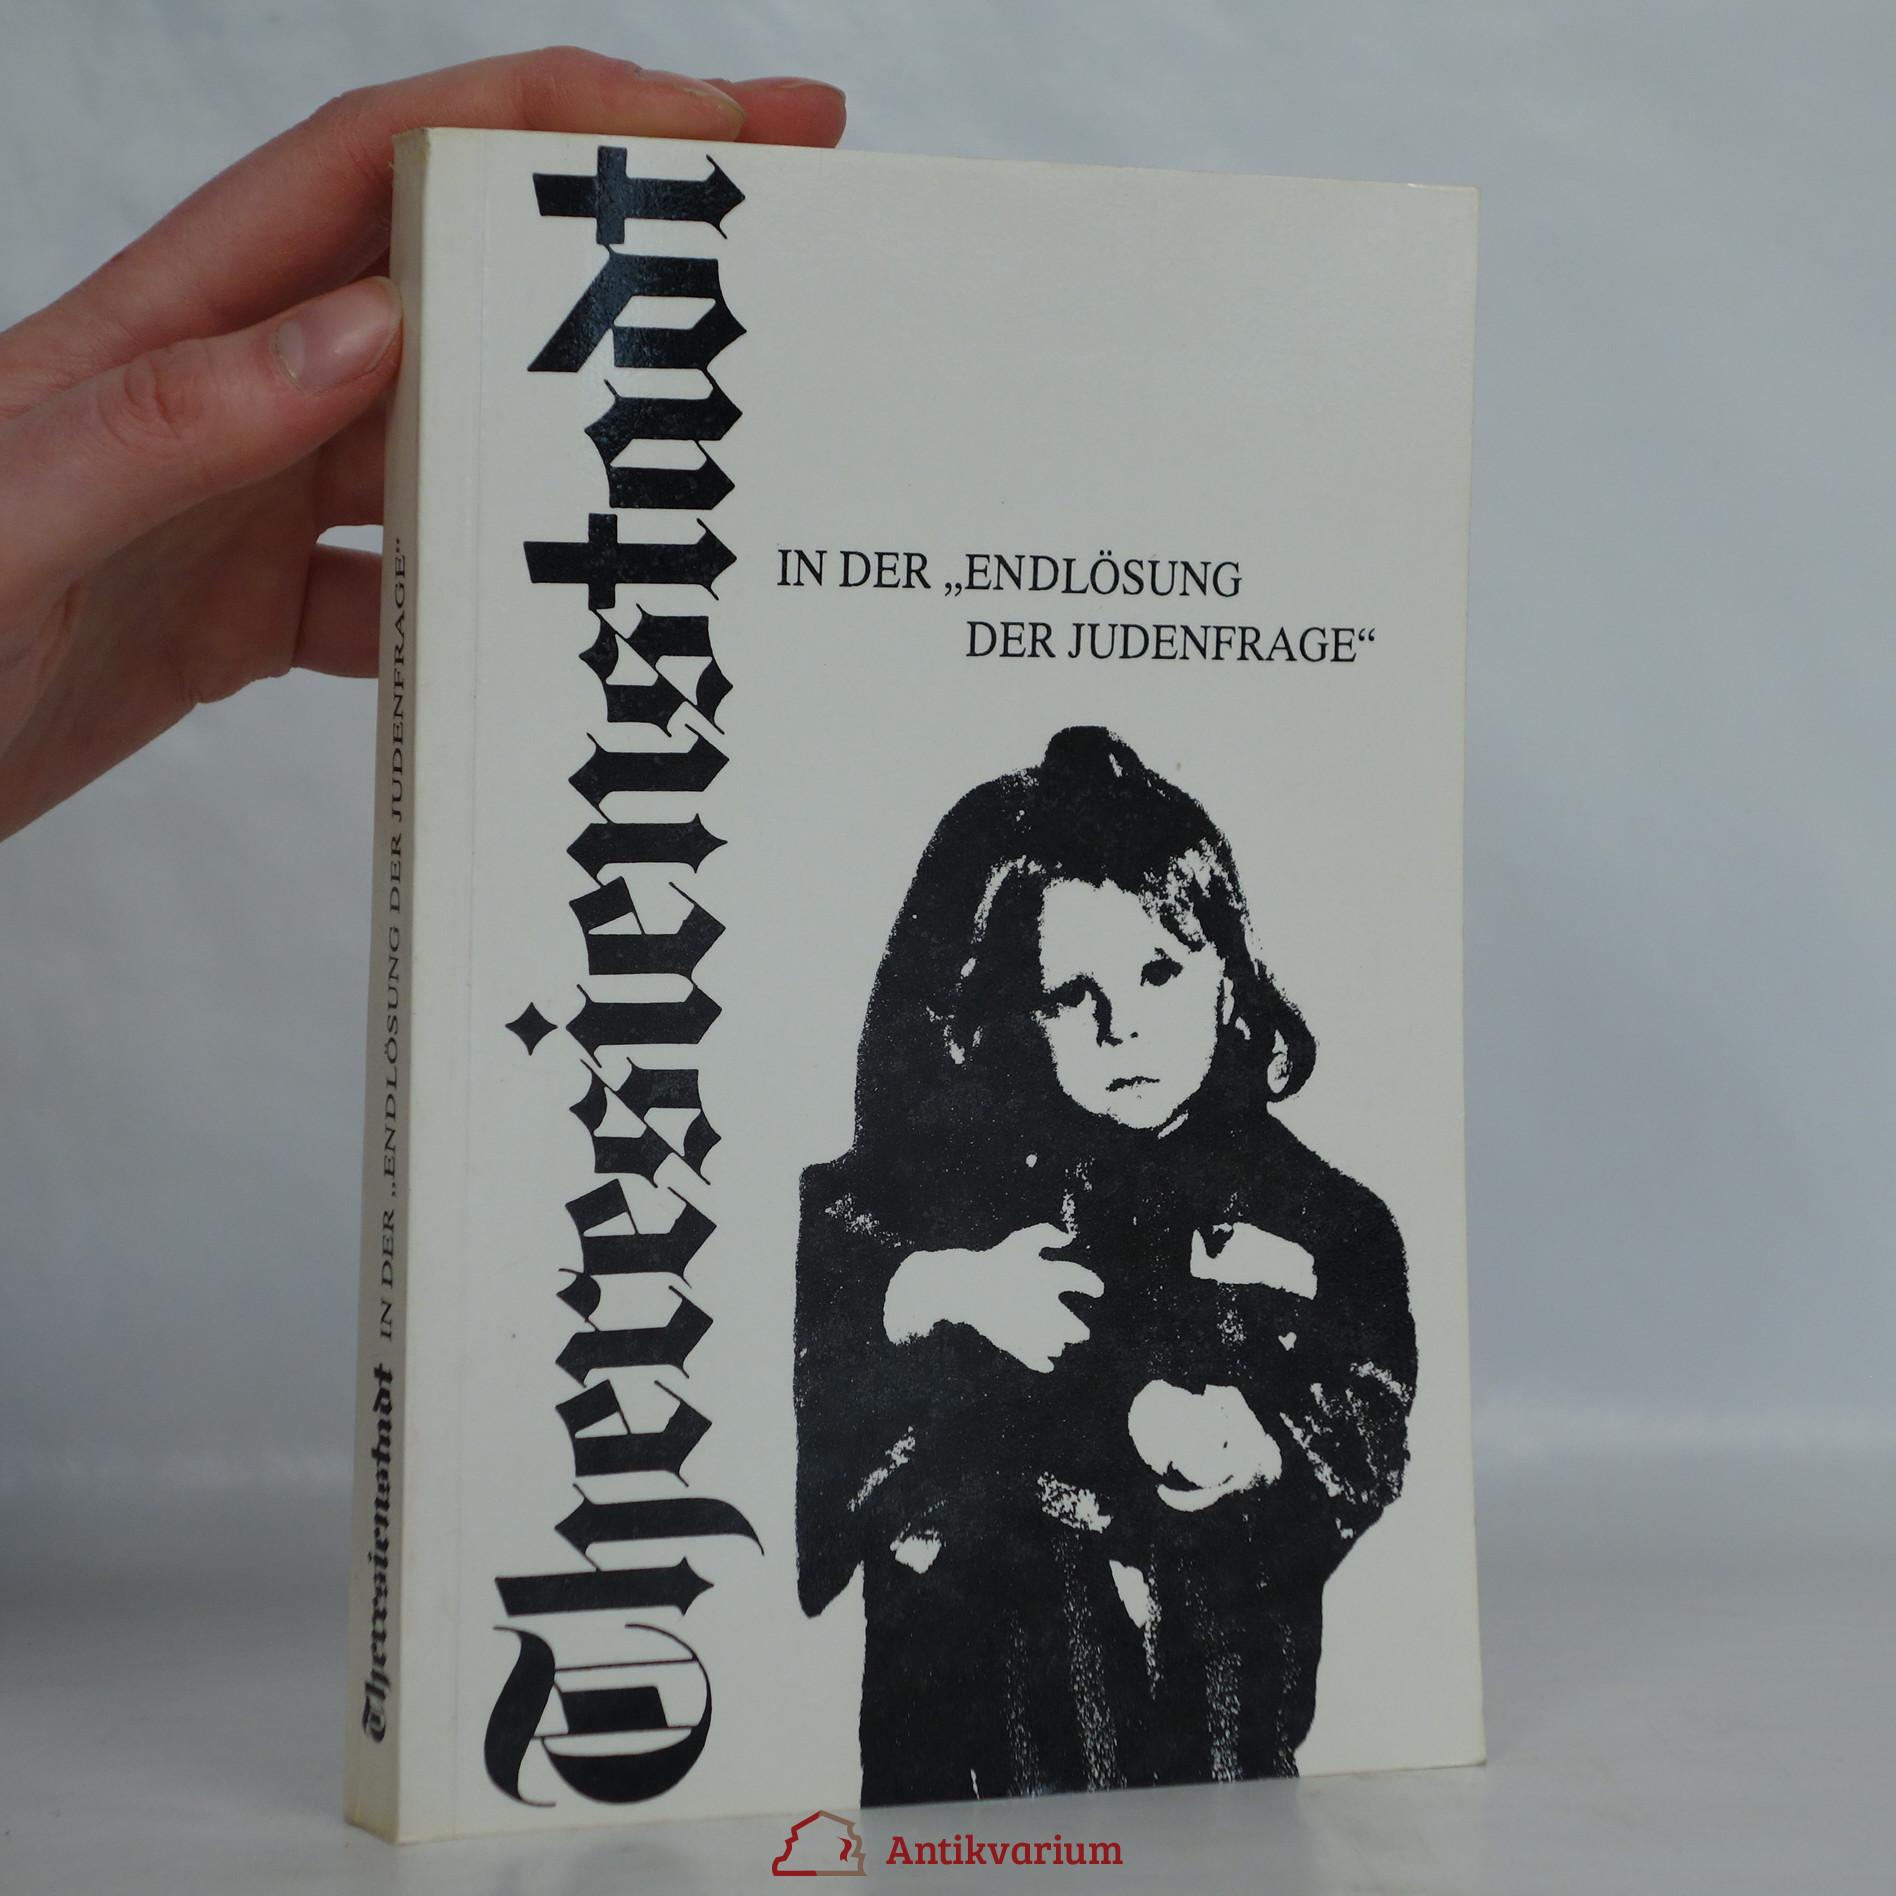 antikvární kniha Theresienstadt in der